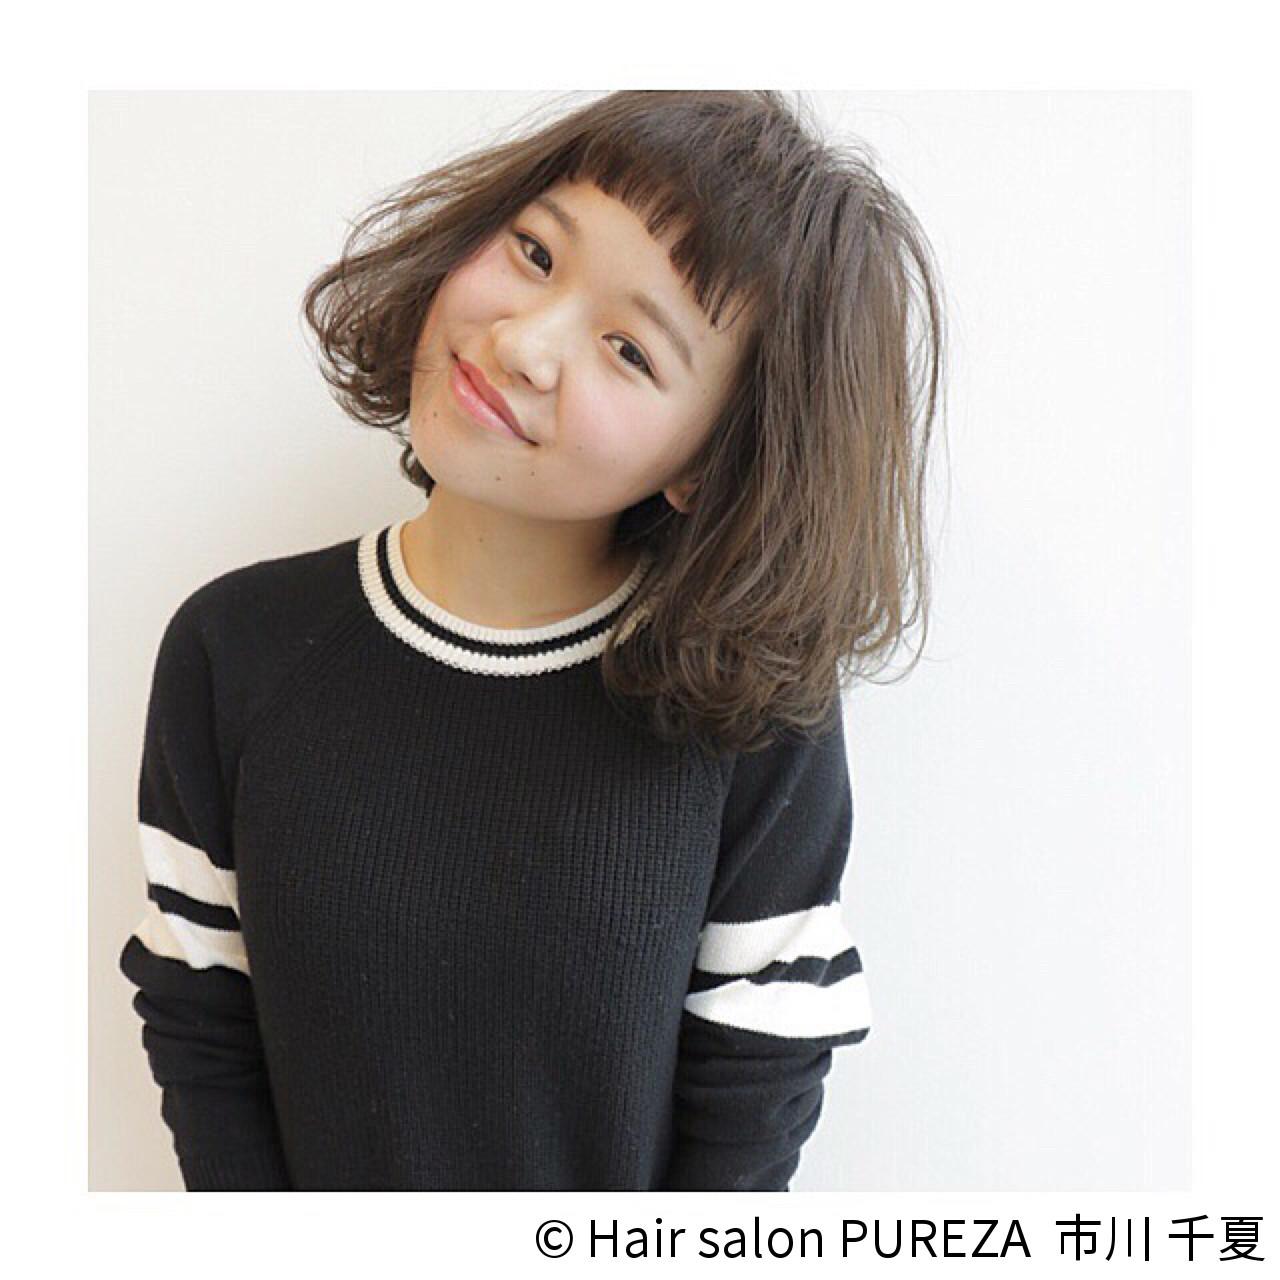 可愛さ上昇は避けられない!春スタイルにどハマリする、''うぶバング''再び。 市川 千夏 / Hair salon PUREZA